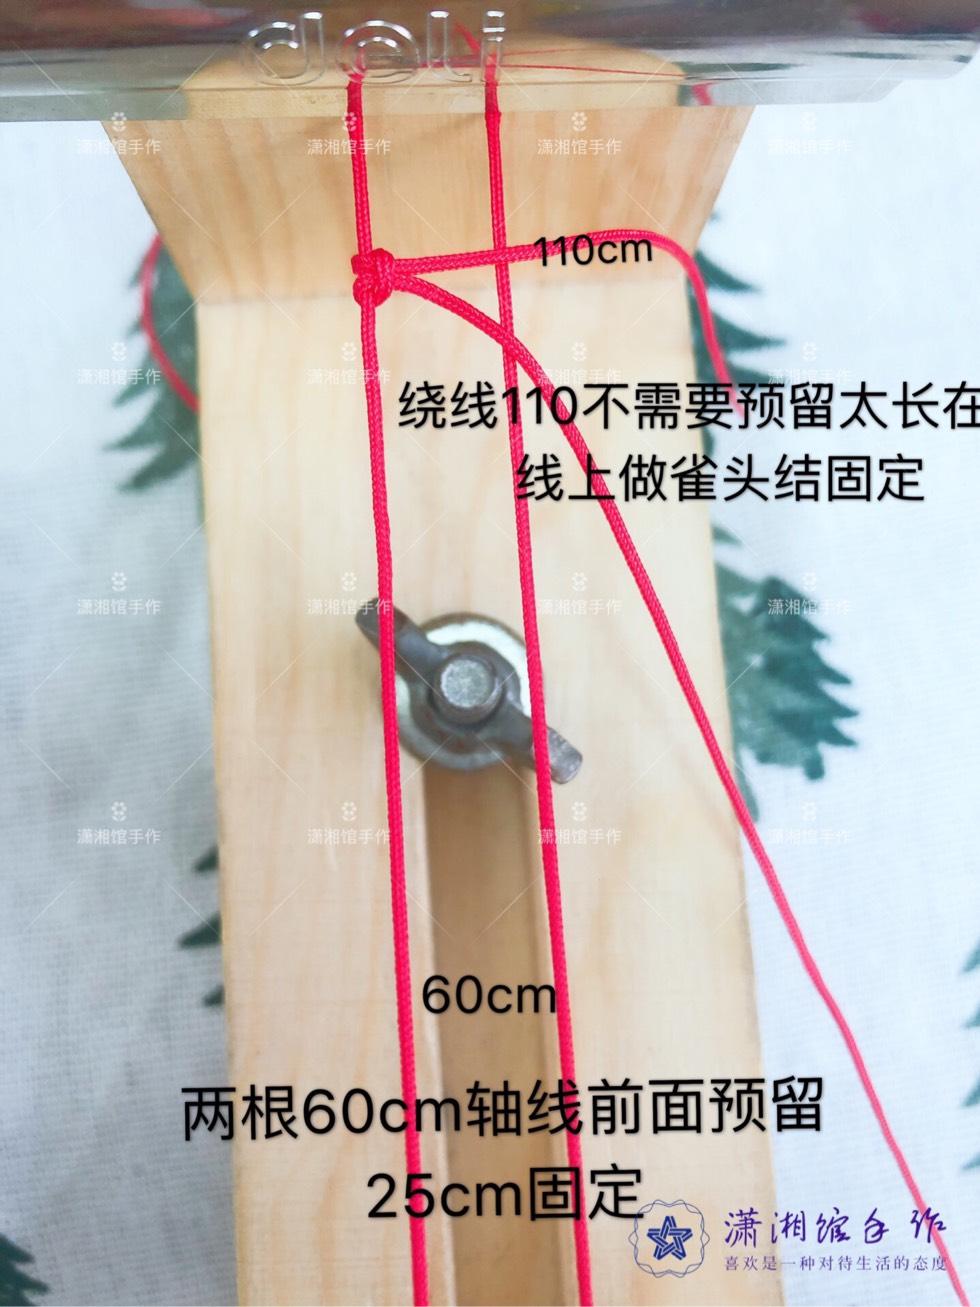 中国结论坛 硬币挂件天使翅膀钥匙扣教程  图文教程区 170033d2t38taag32wnez3